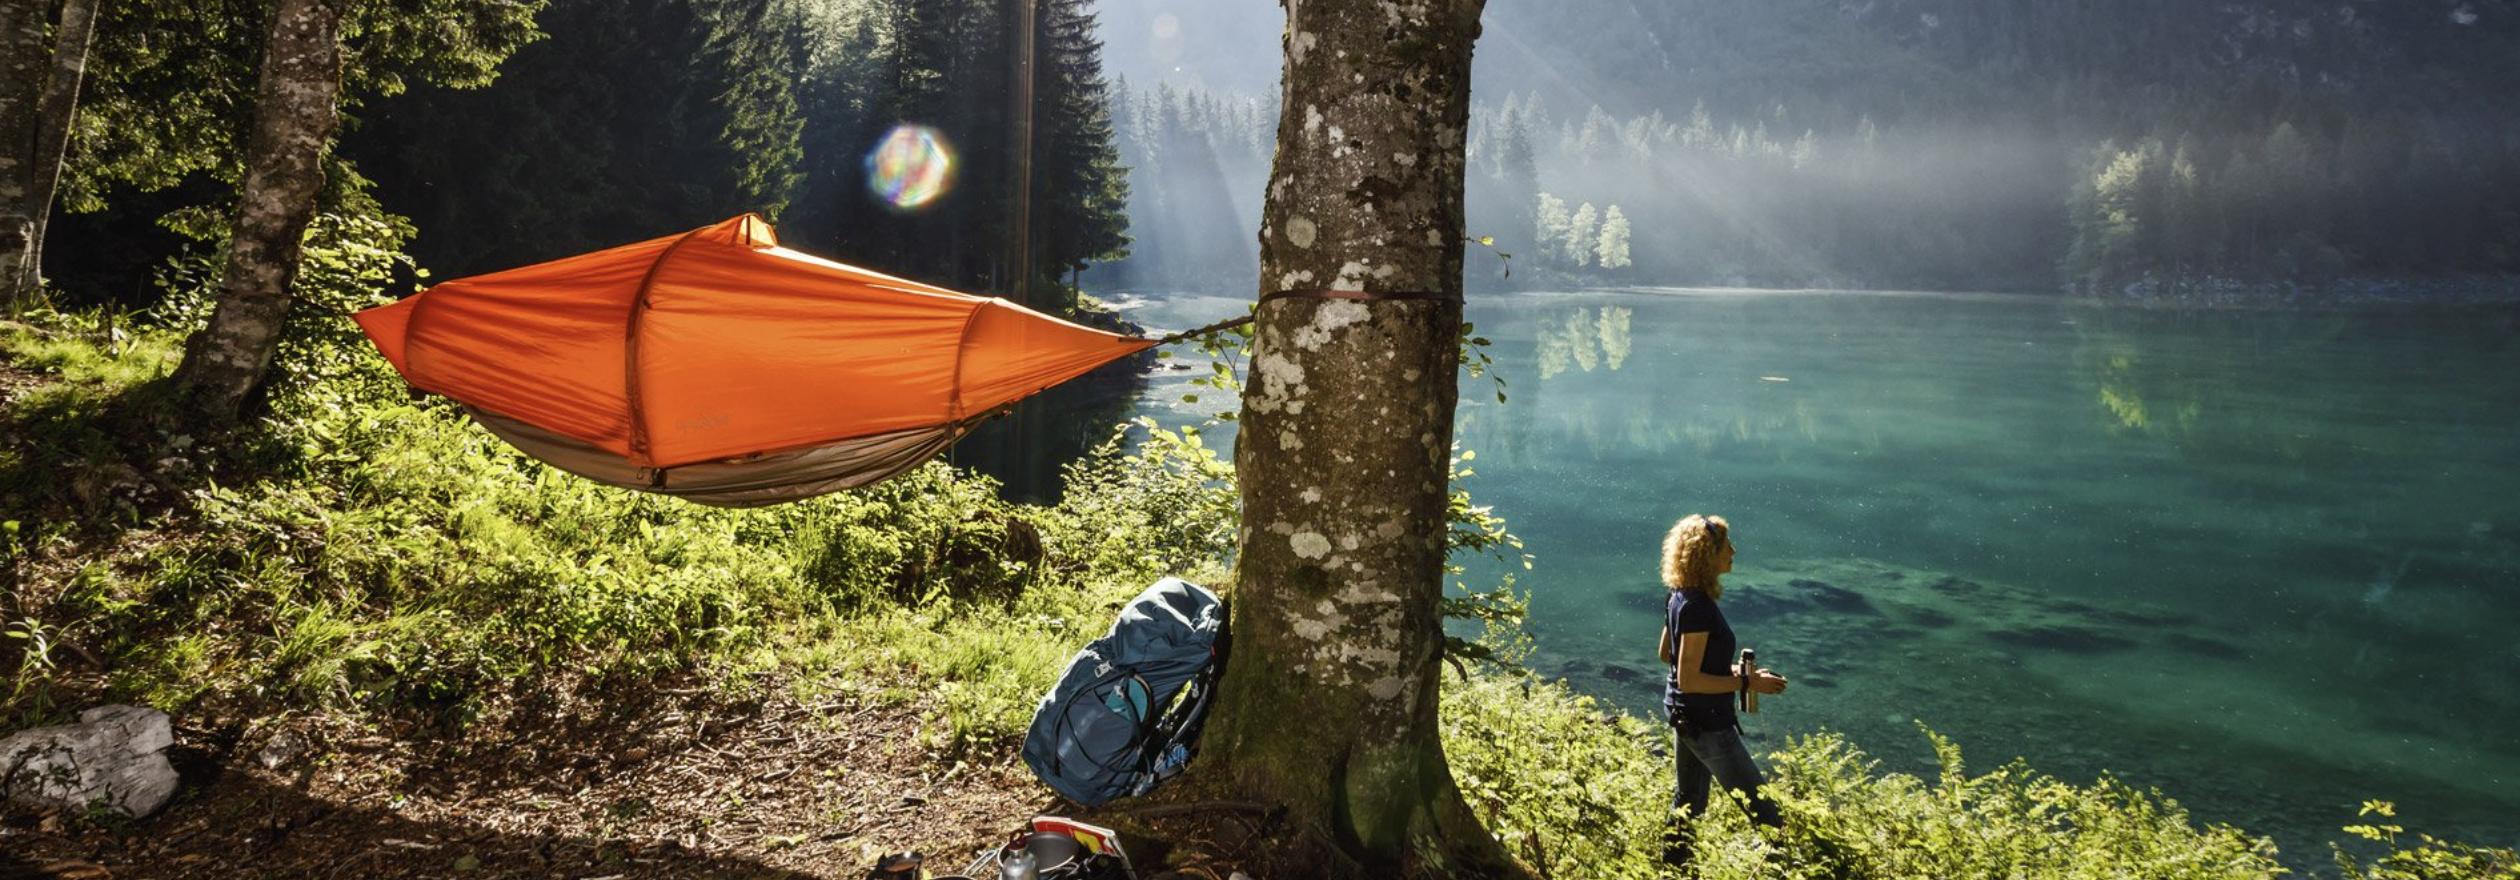 Tent Hammock - River